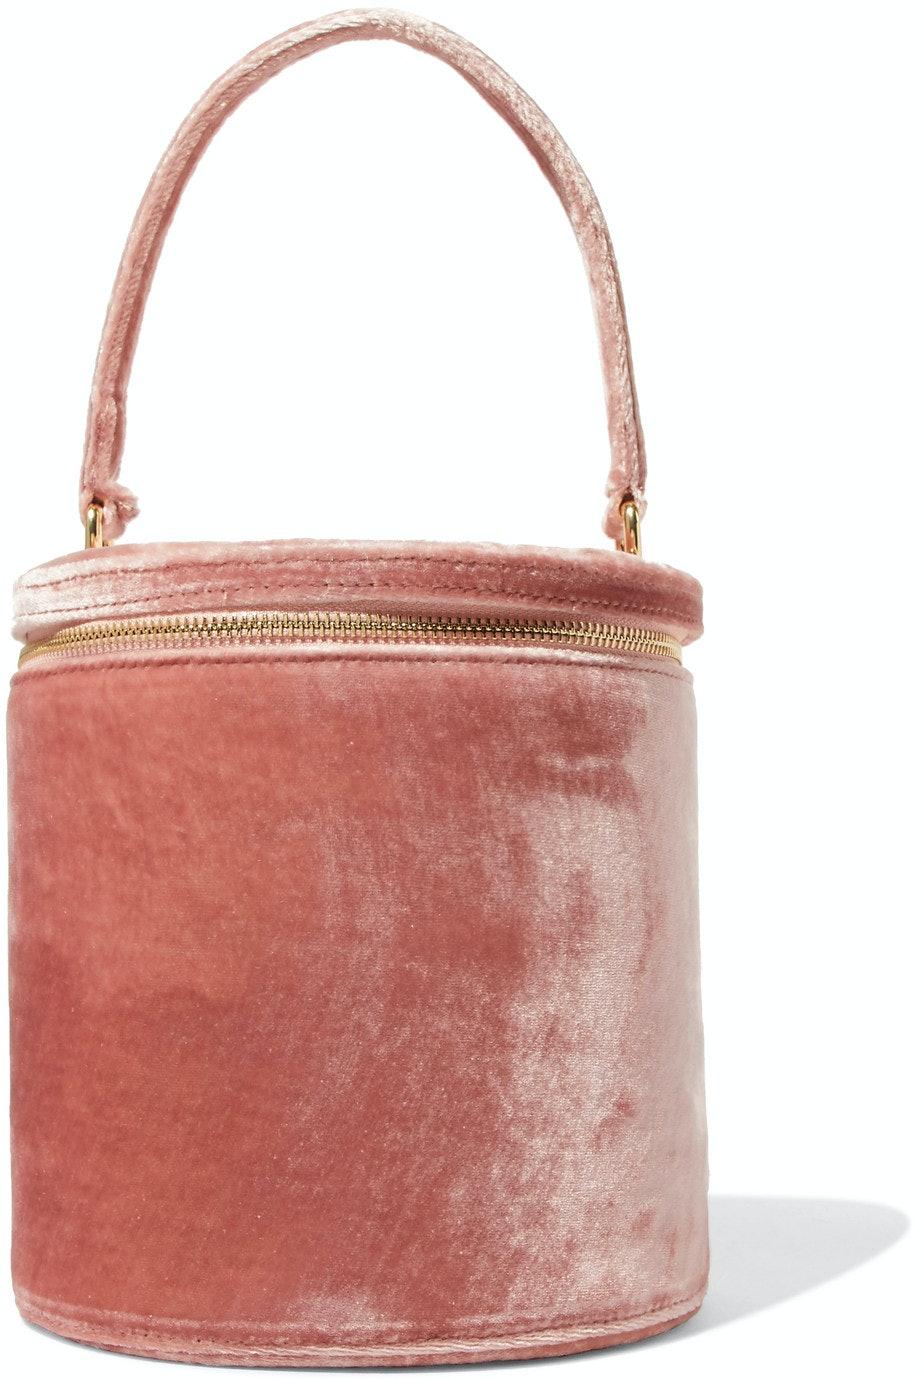 b266c26957d6 15 Velvet Bags That Will Make Your Fall Wardrobe